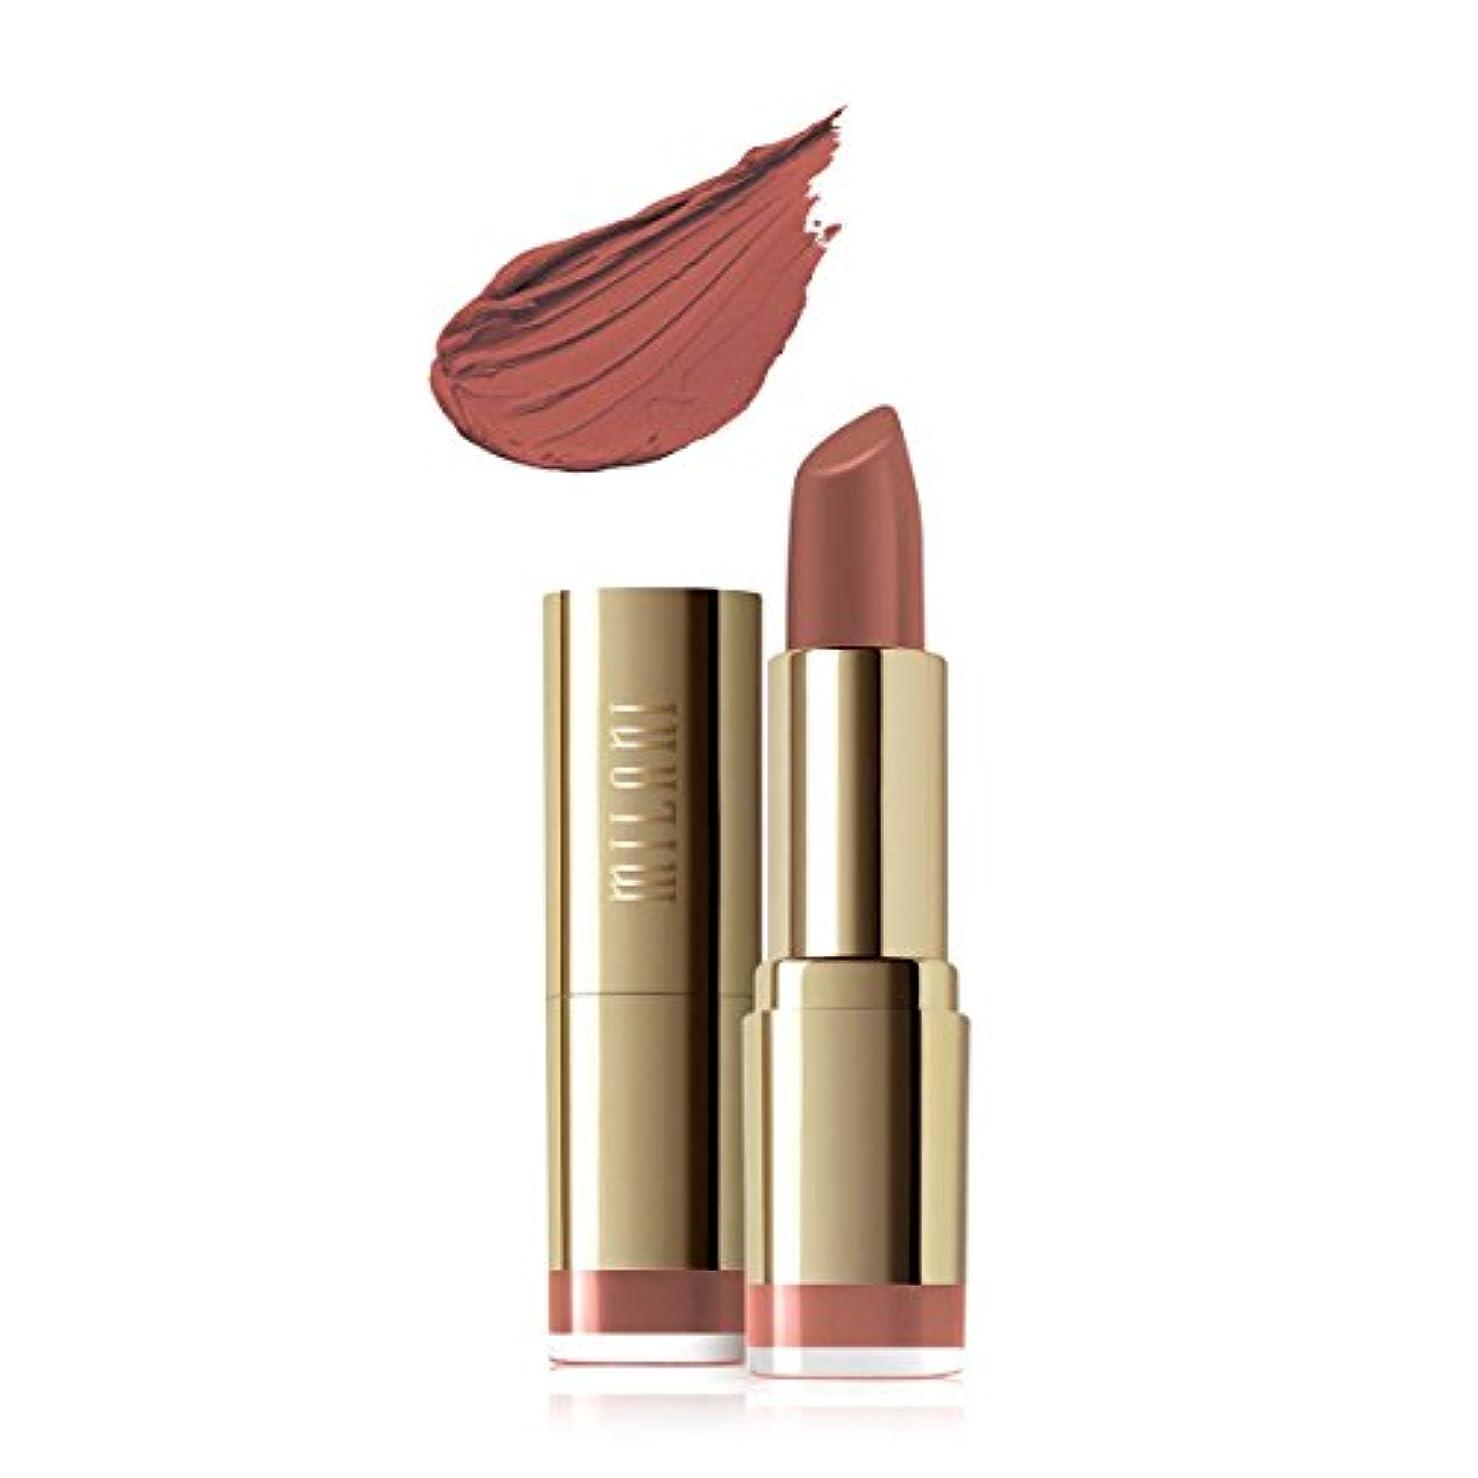 主張けがをするクルーズMILANI Color Statement Moisture Matte Lipstick - Matte Beauty (並行輸入品)